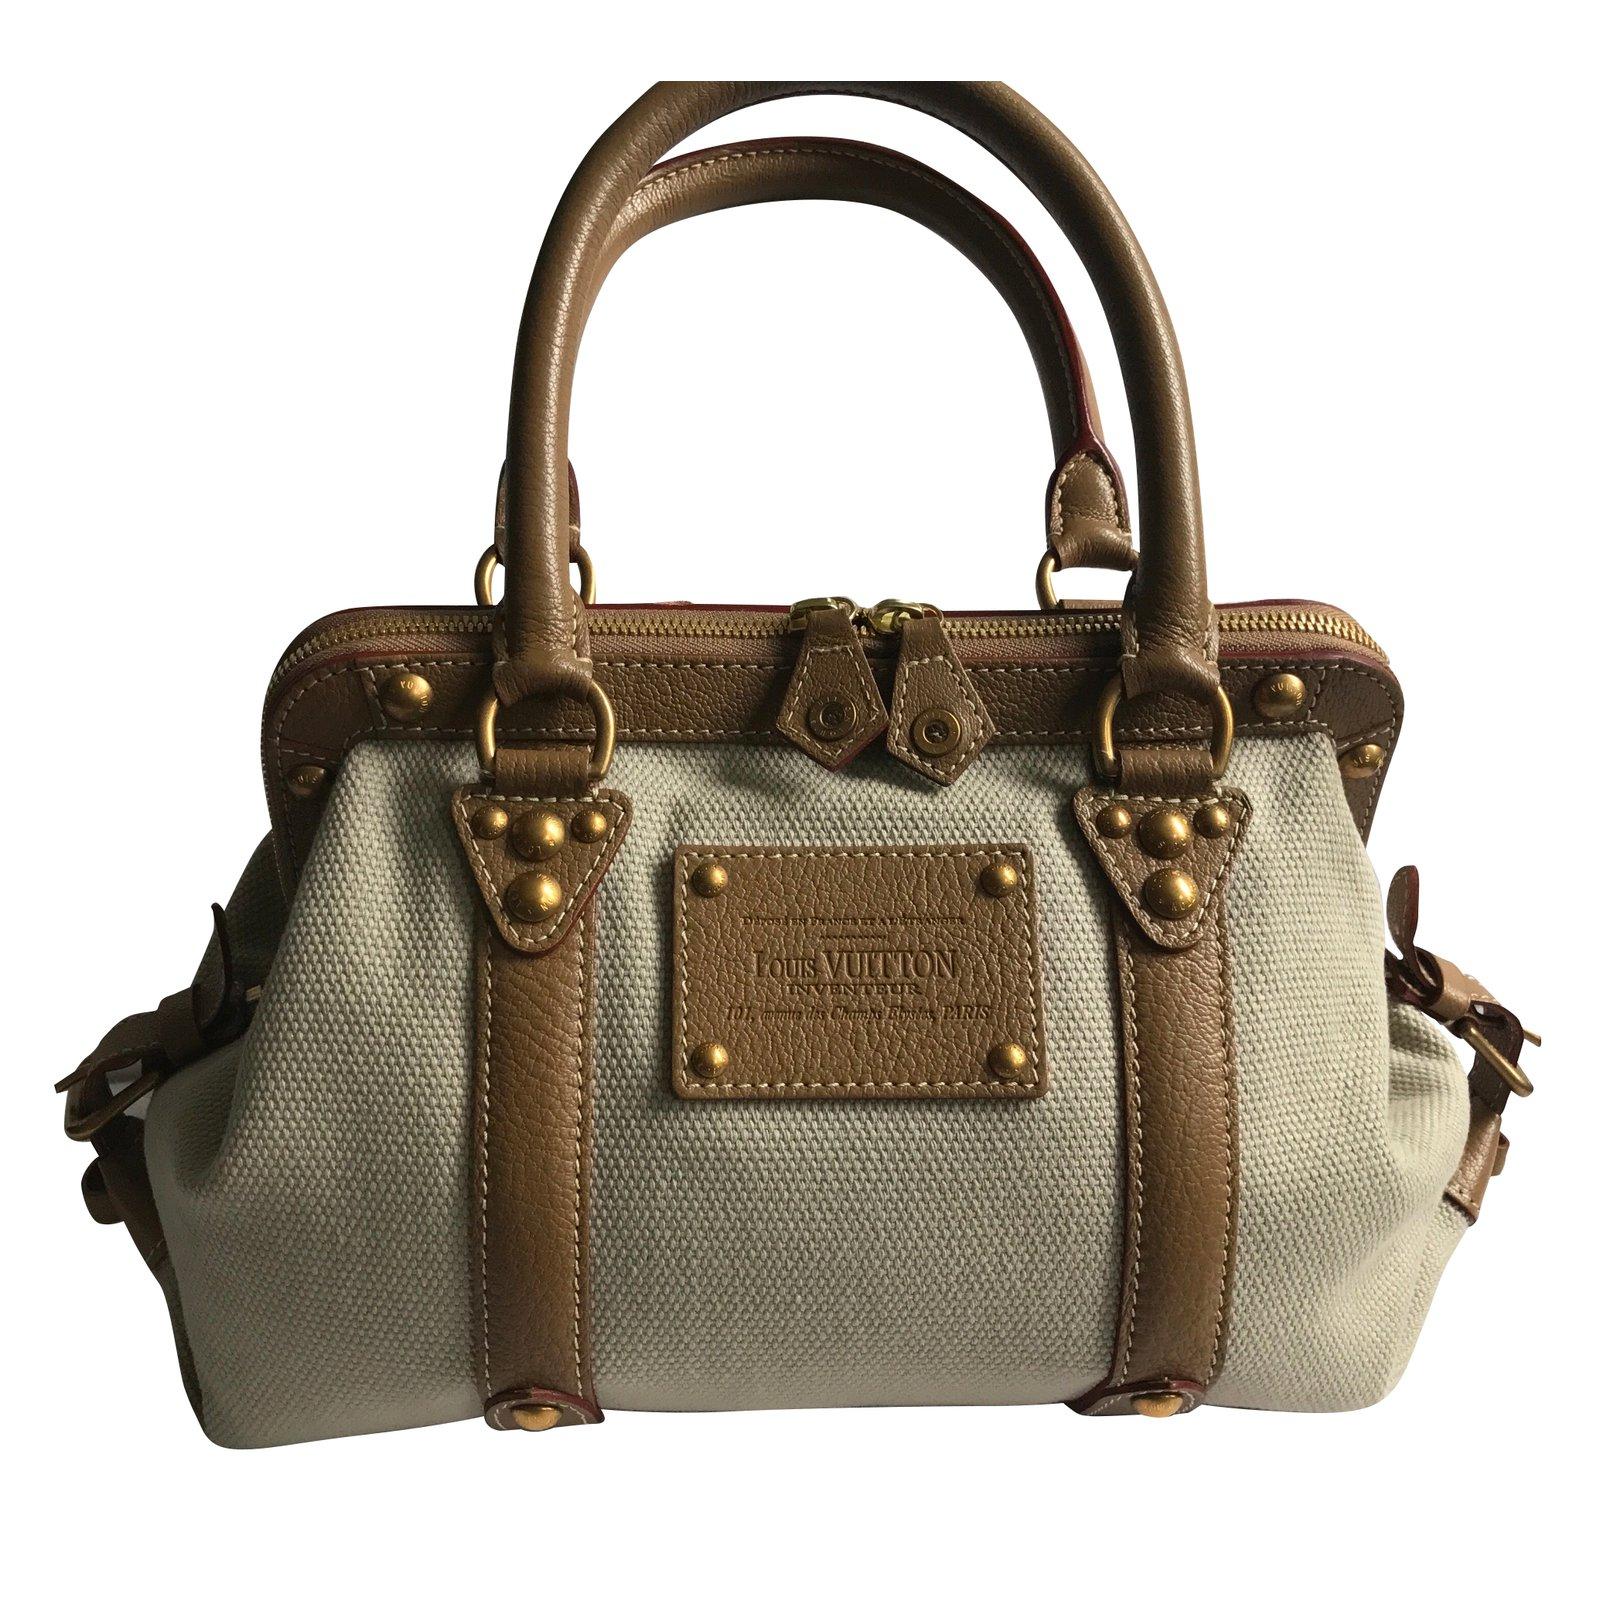 89926e5c885 Louis Vuitton Sac de Nuit GM Handbags Leather